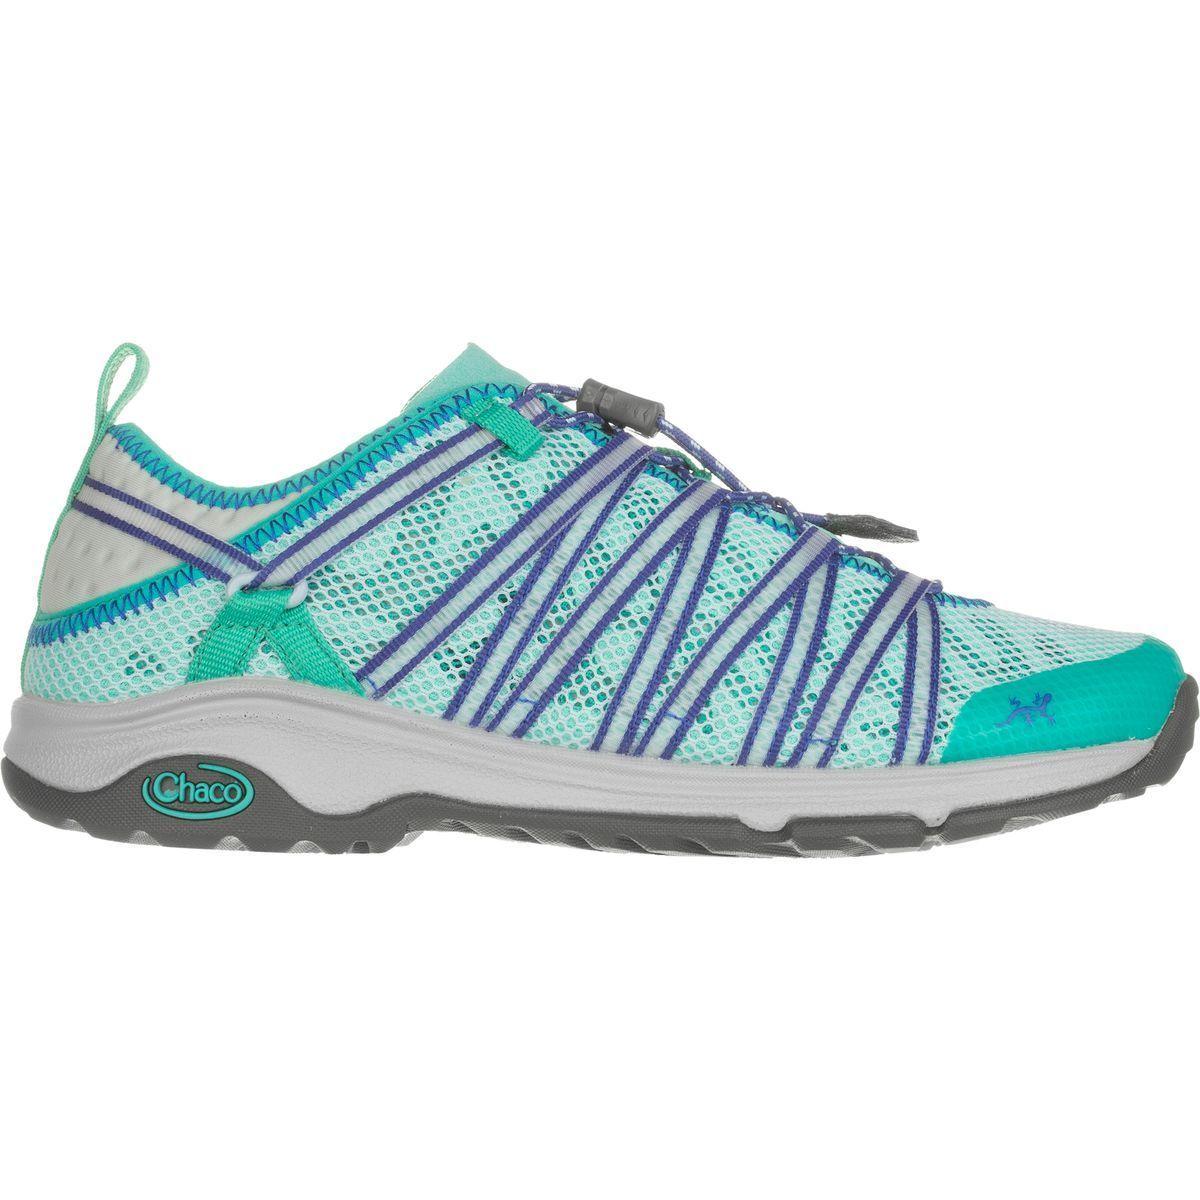 Chaco Outcross Evo 1.5 Water Shoe - Women's